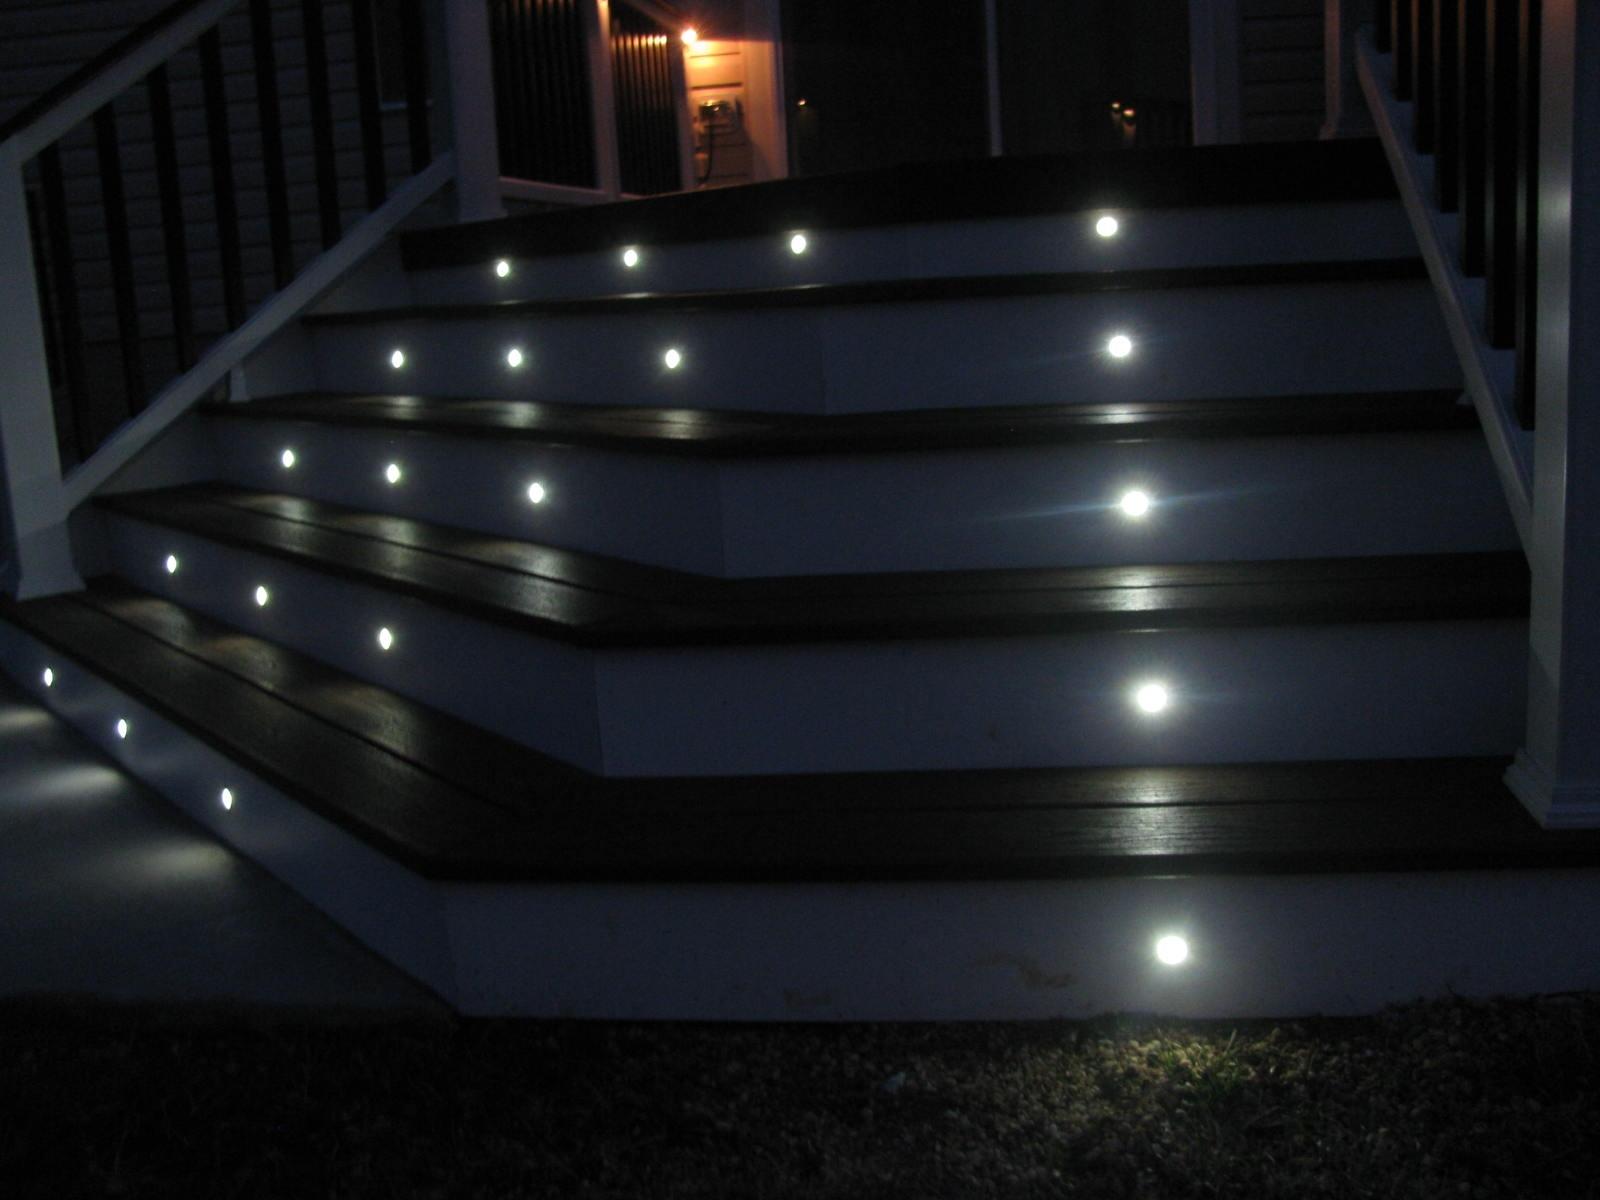 Led Light Design: Led Deck Light Low Voltage Home Depot Deck Throughout Low Voltage Deck Lighting At Home Depot (#6 of 15)